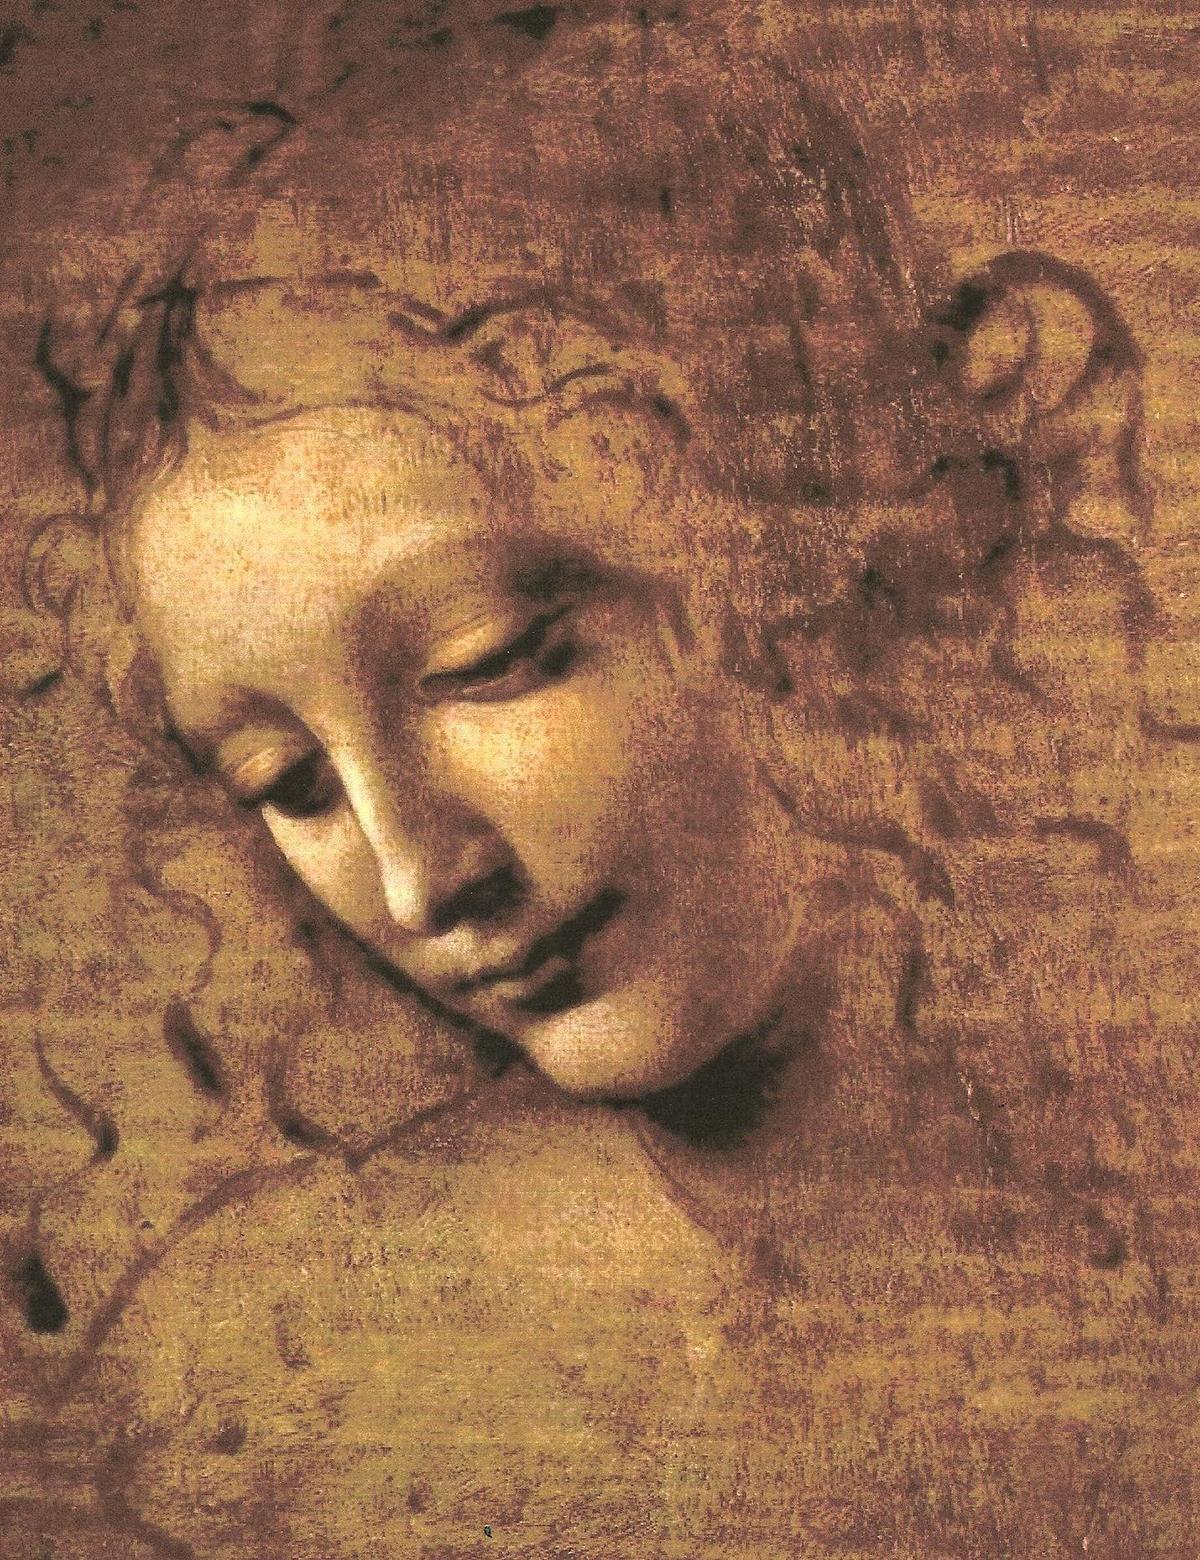 «La Scapigliata» cirka 1508, av Lenoardo da Vinci. Henger i Galleria Nazionale di Parma.